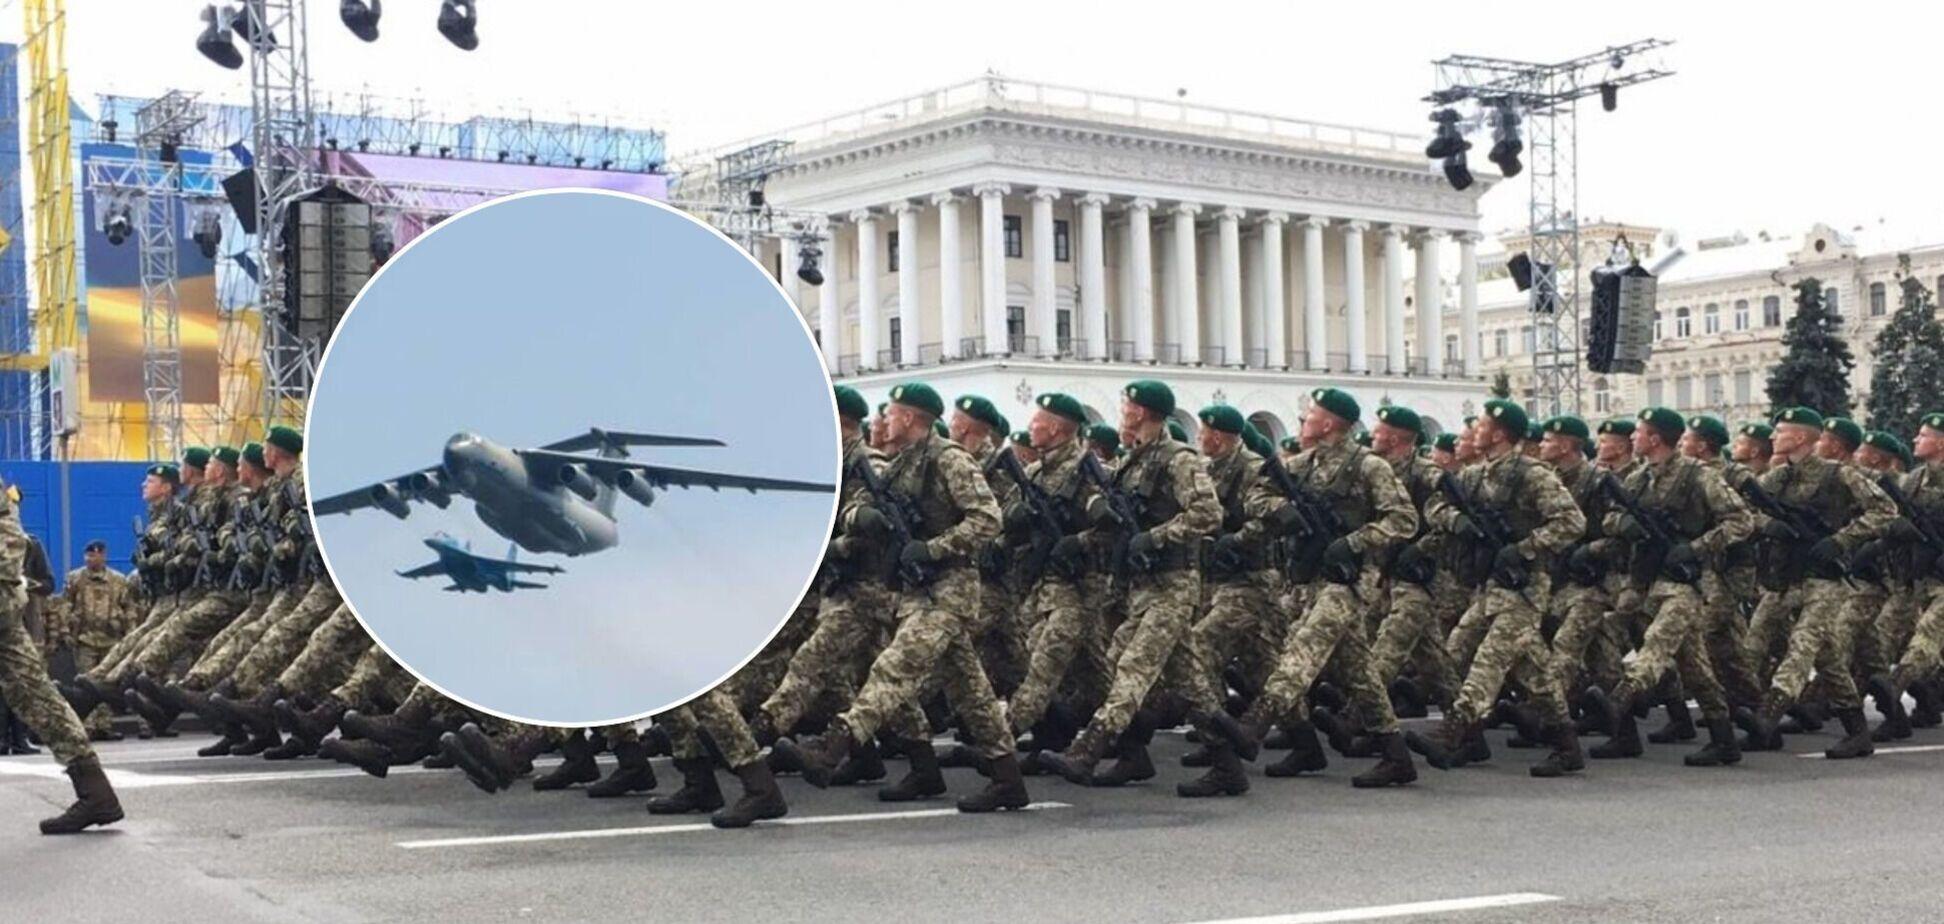 С парадом, авиацией и салютом: как встретят 30-летие Независимости в Киеве